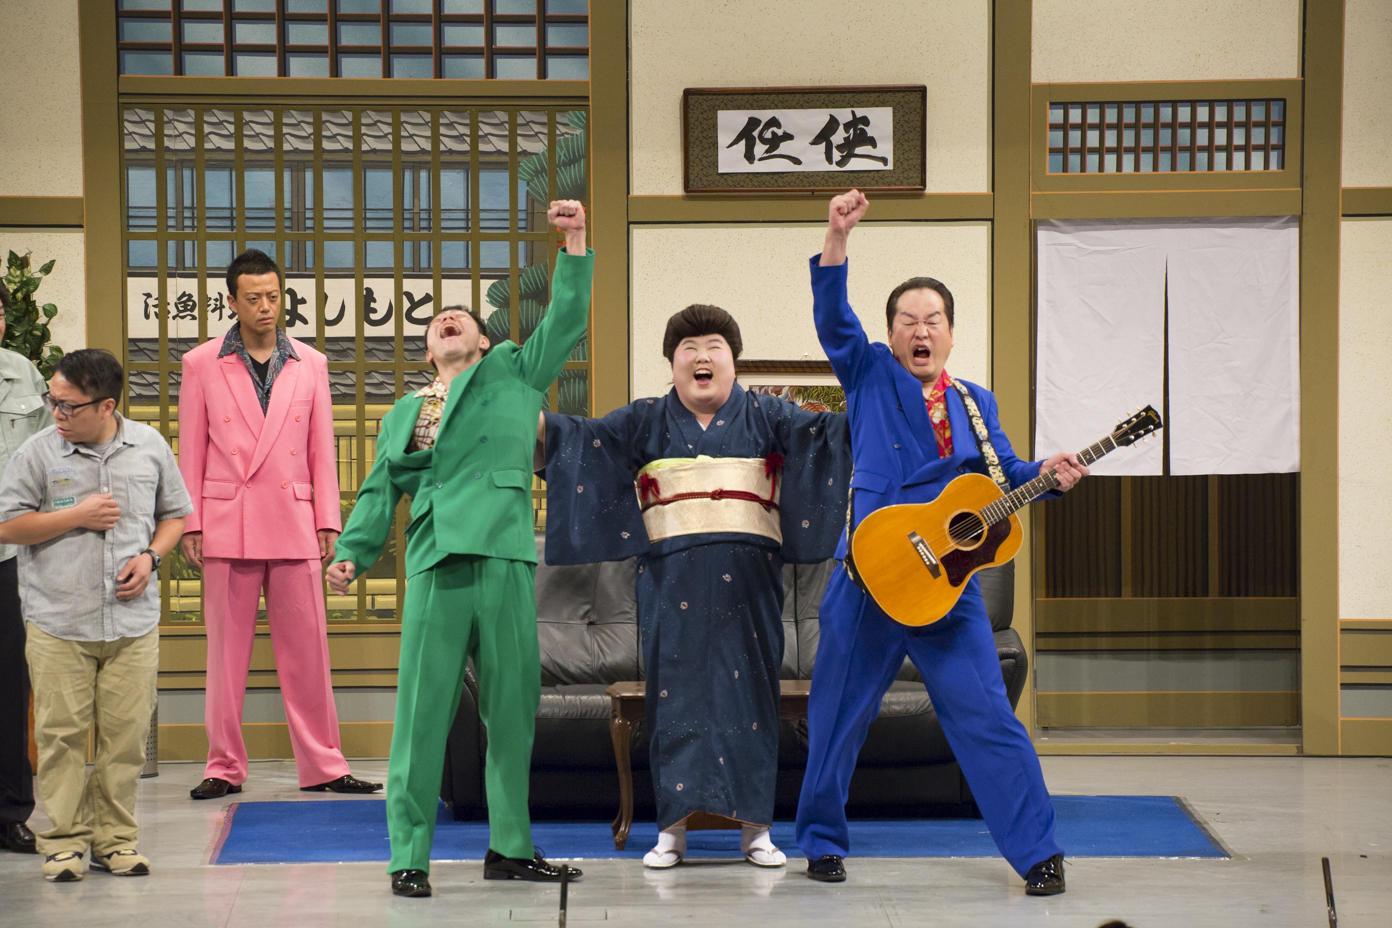 http://news.yoshimoto.co.jp/20161030041741-14ec12d0b6a746d0ecb8c12df3181b5042c97e7d.jpg